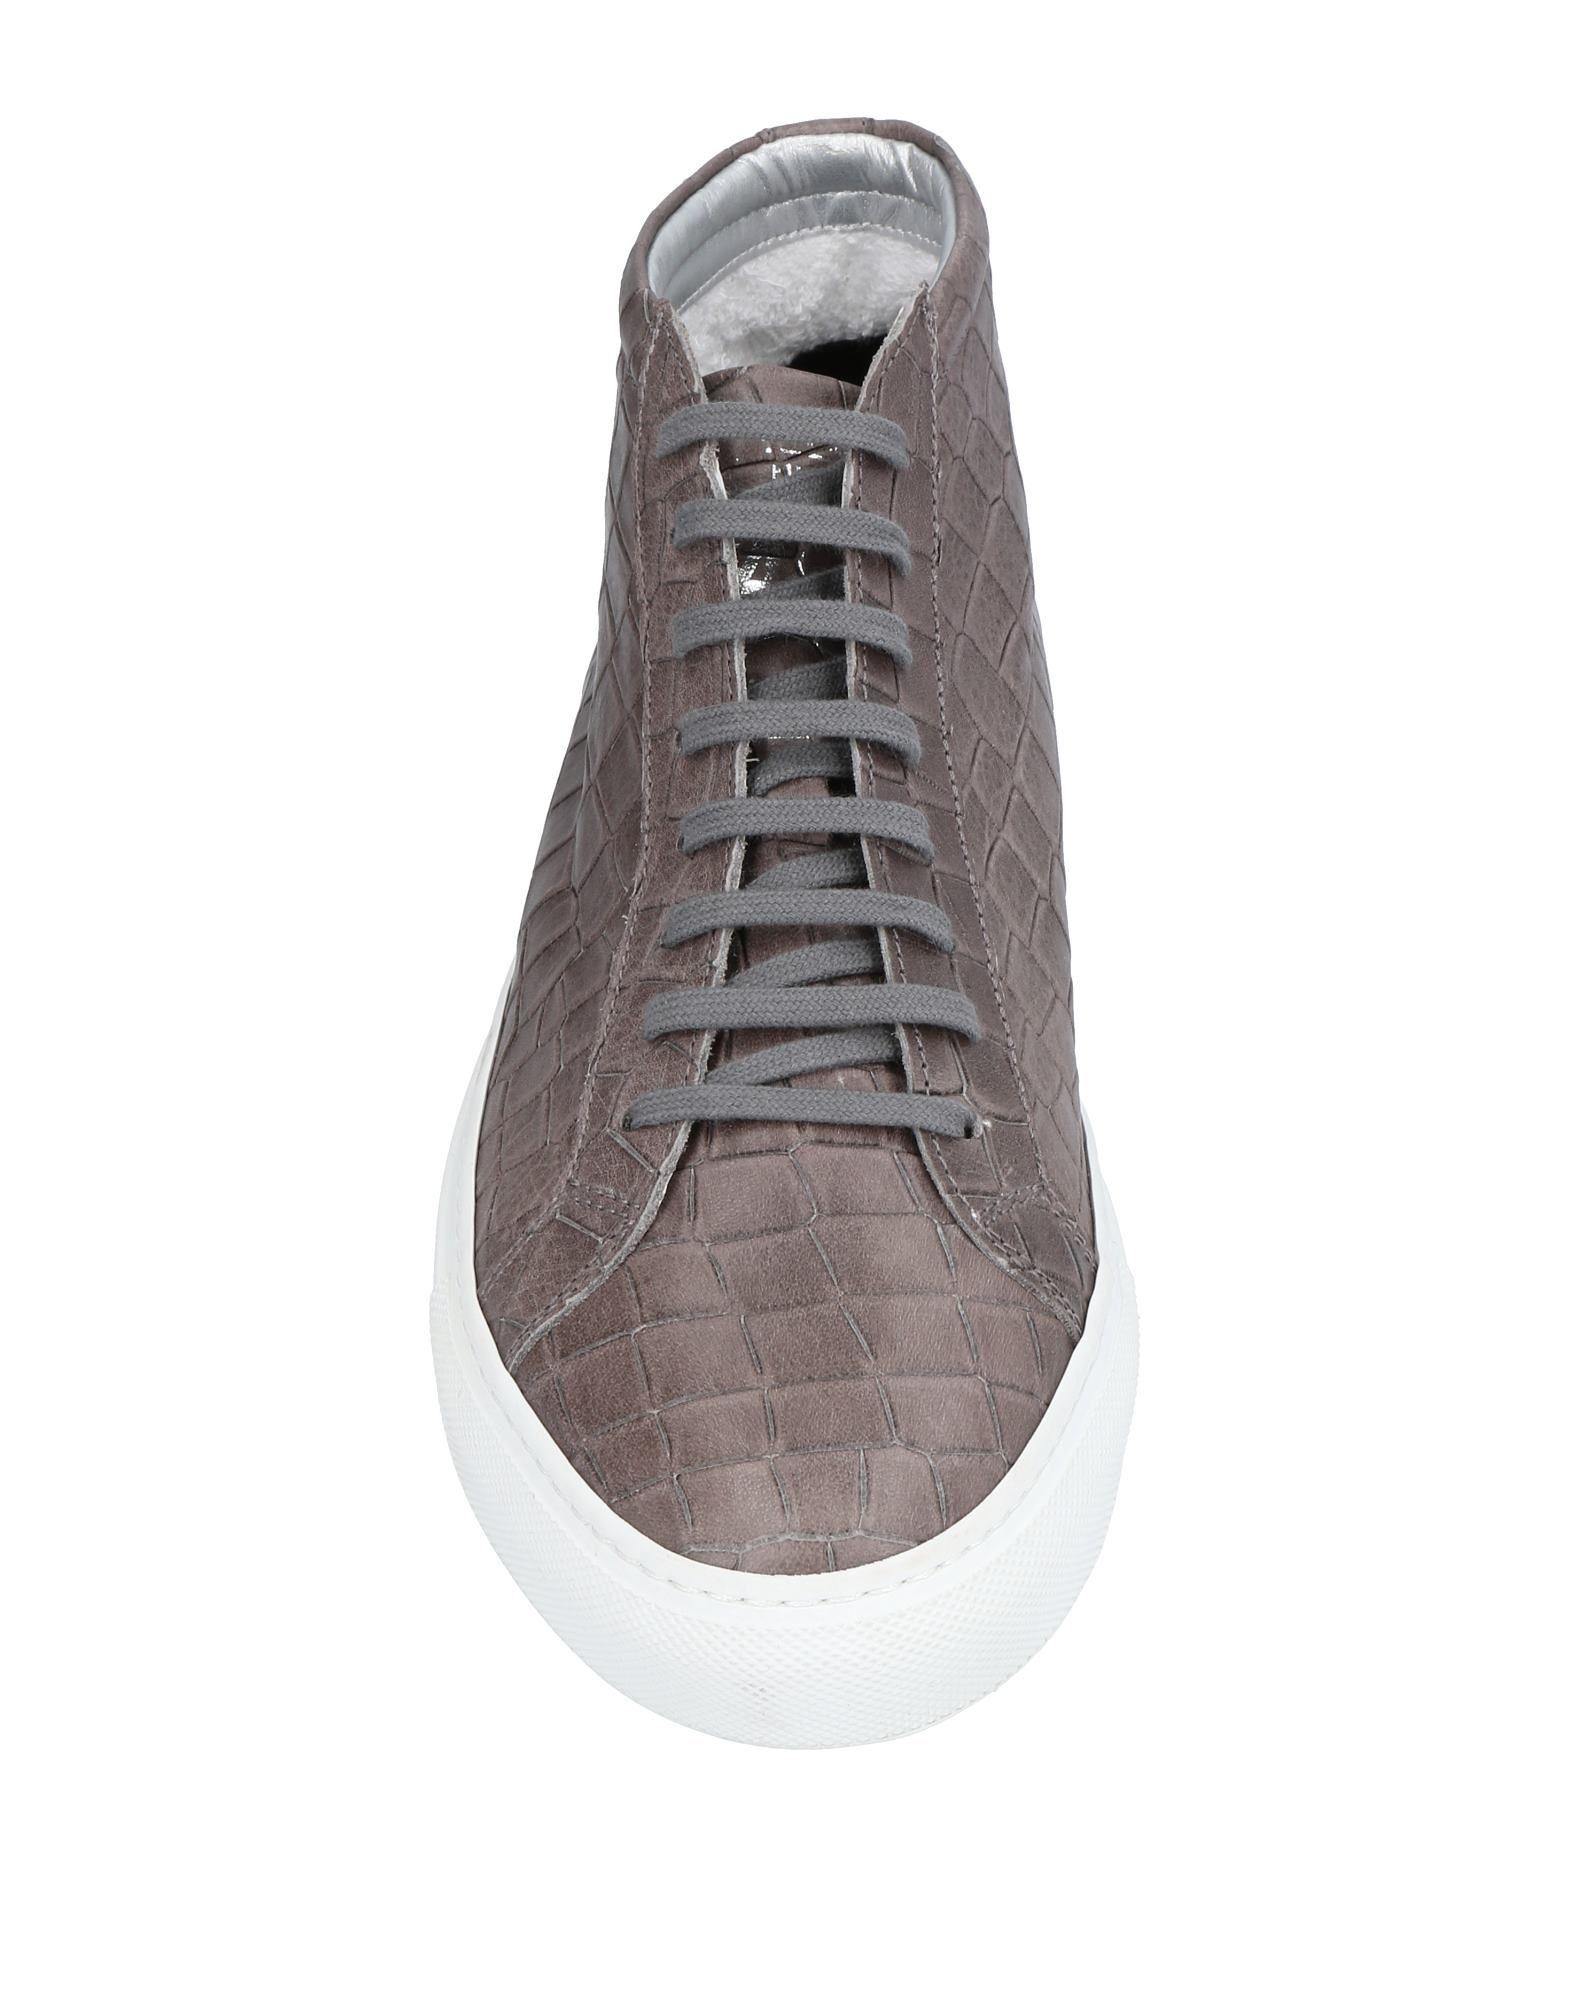 Rabatt echte  Schuhe P448 Sneakers Herren  echte 11457201DU da2567